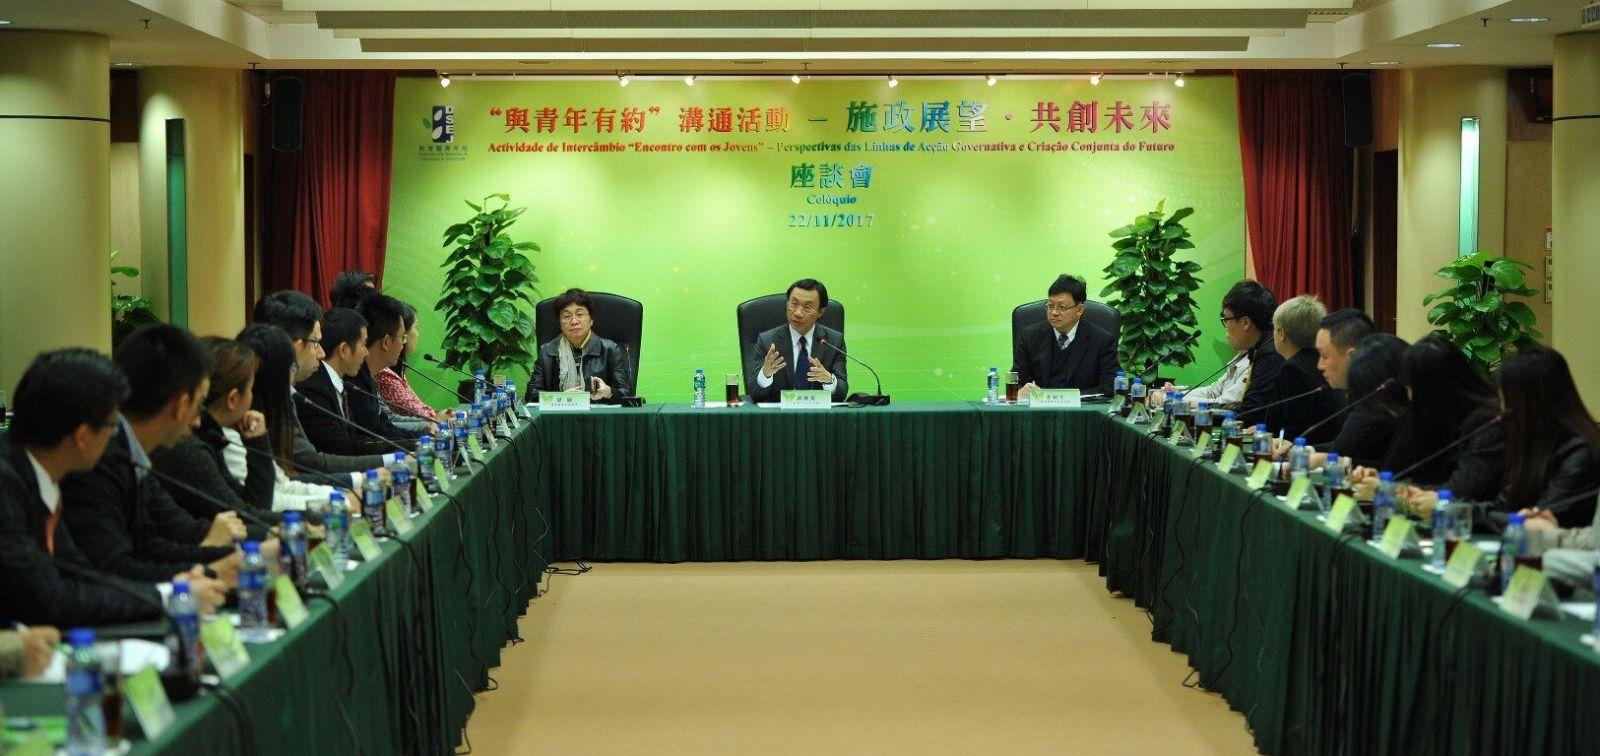 譚俊榮 : 結合科技推動文創意展